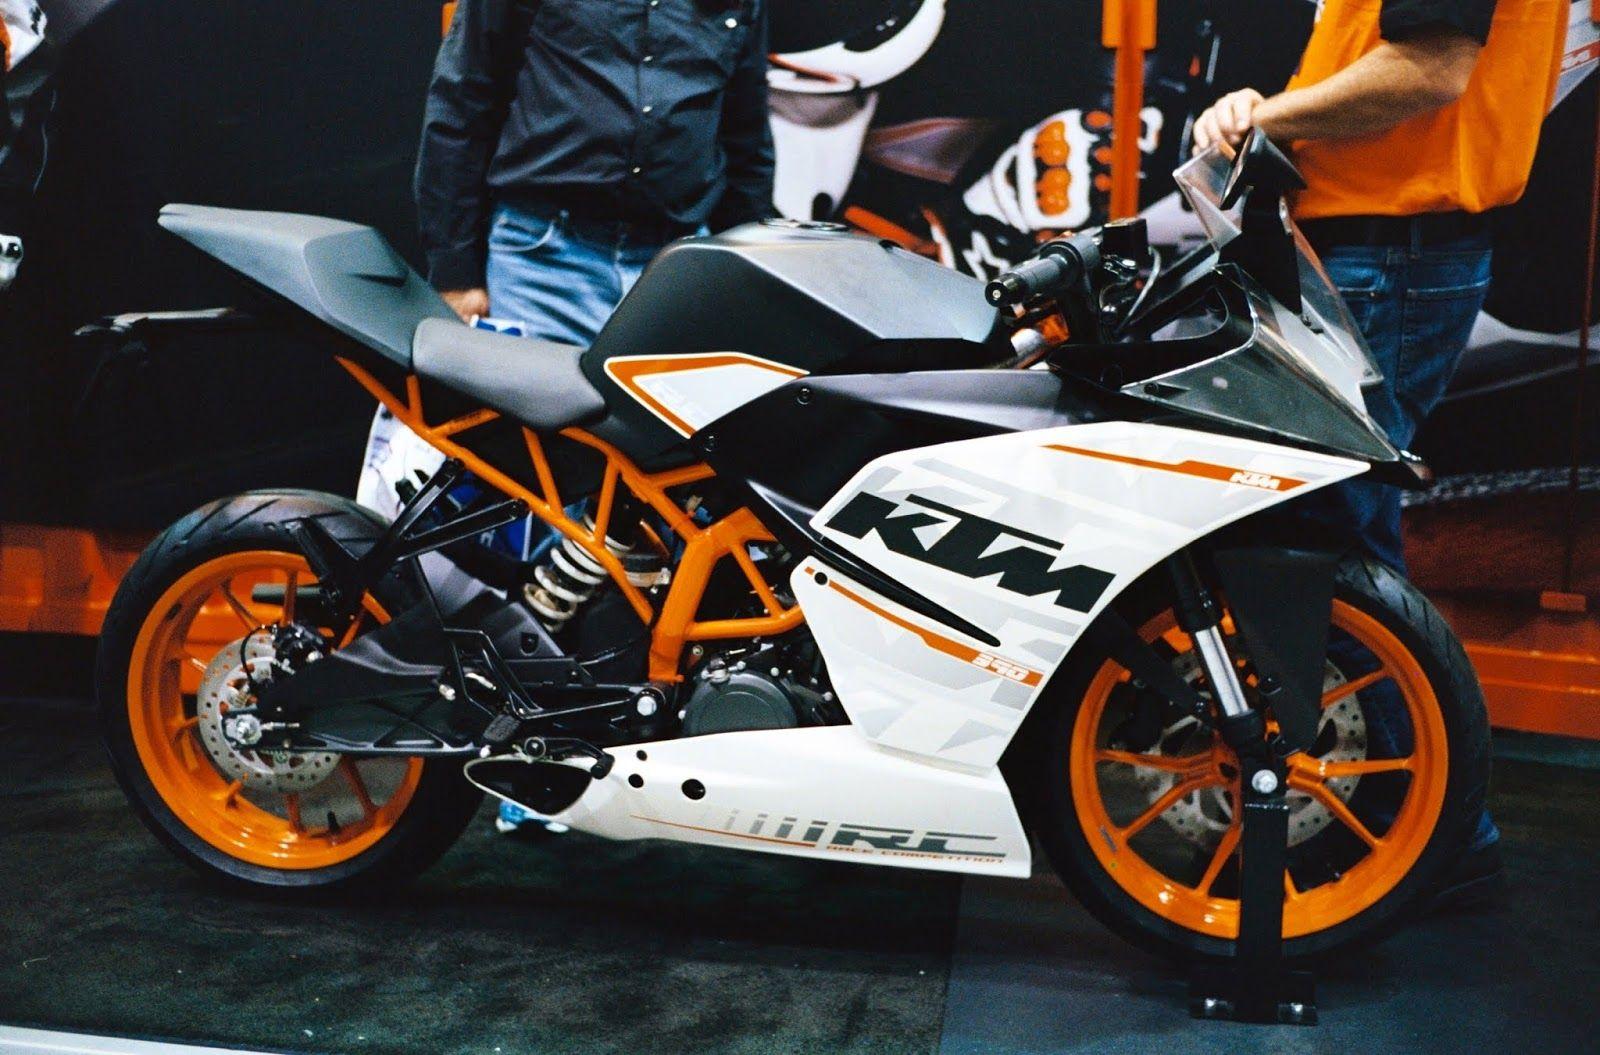 Ktm Rc 390 Top Speed In 2020 Ktm Rc Sport Bikes Ktm